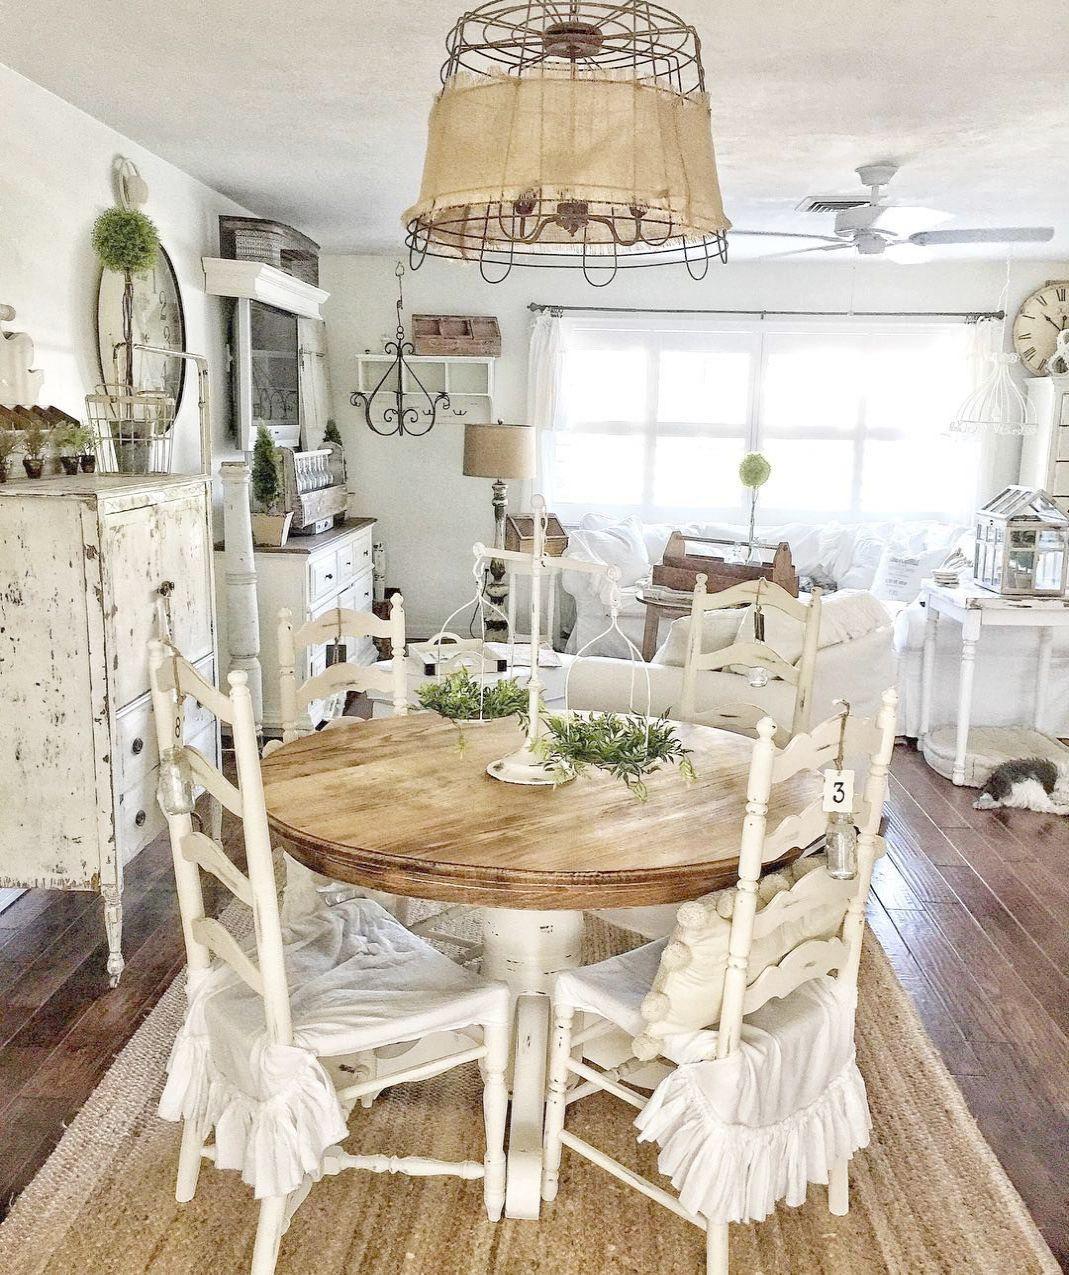 Home Decor Consignment Stores Near Me & Home Decor Online